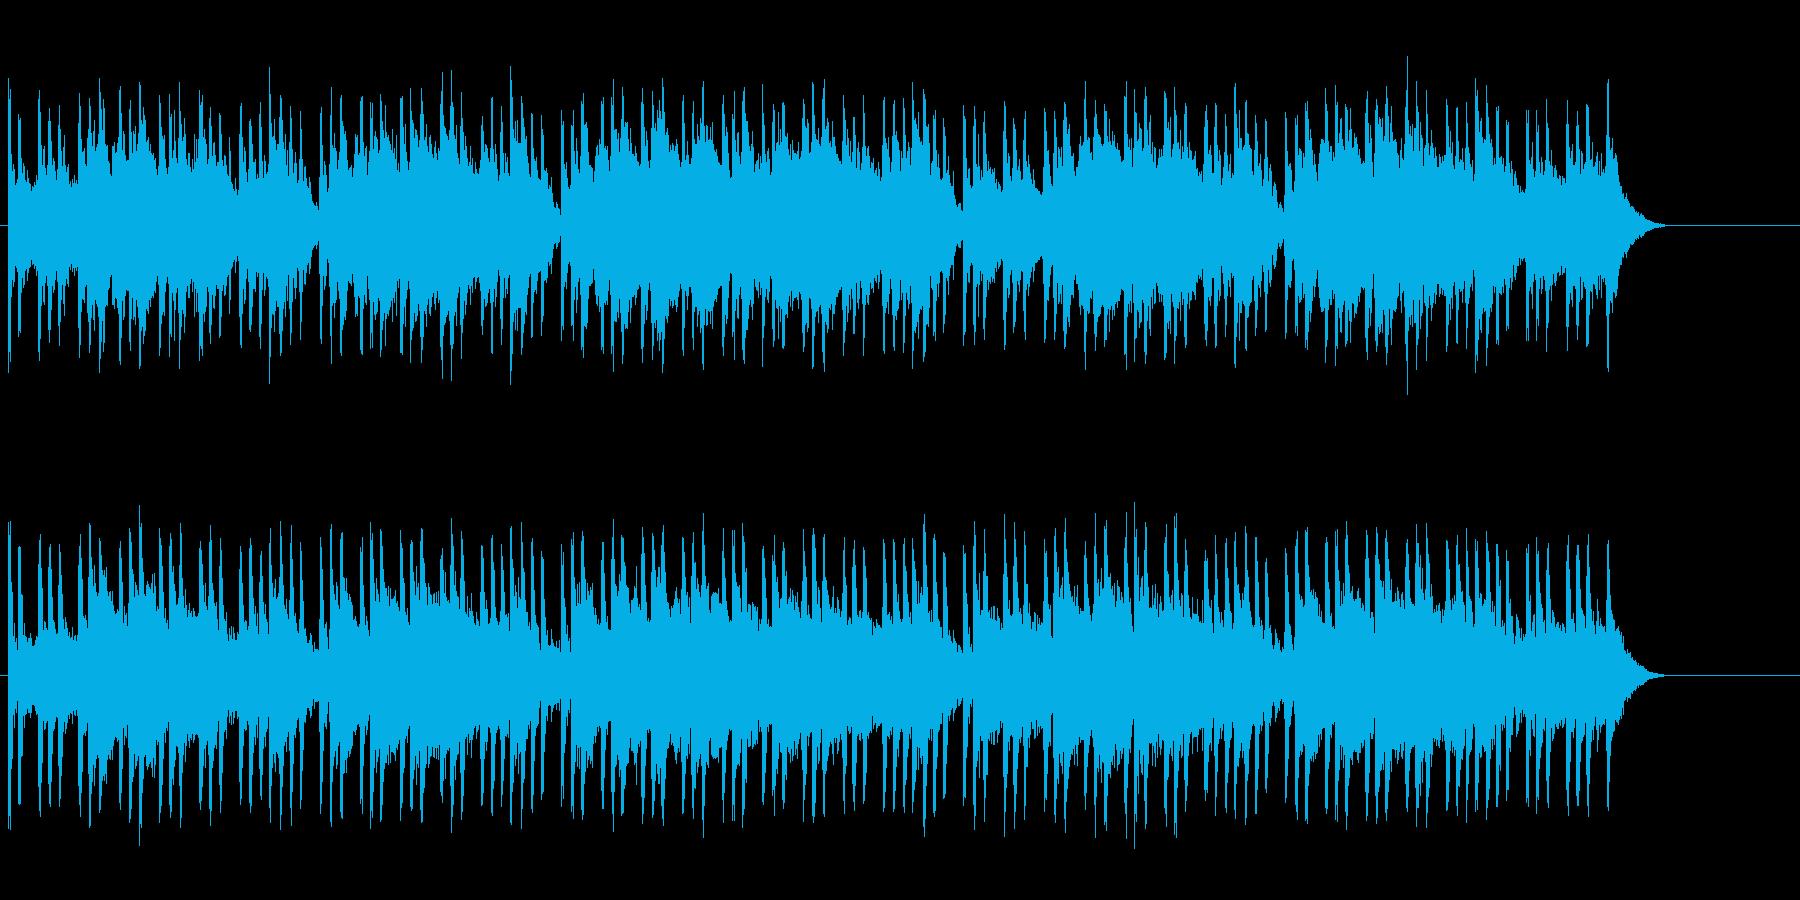 不安・緊張をもたらすホラーBGMの再生済みの波形